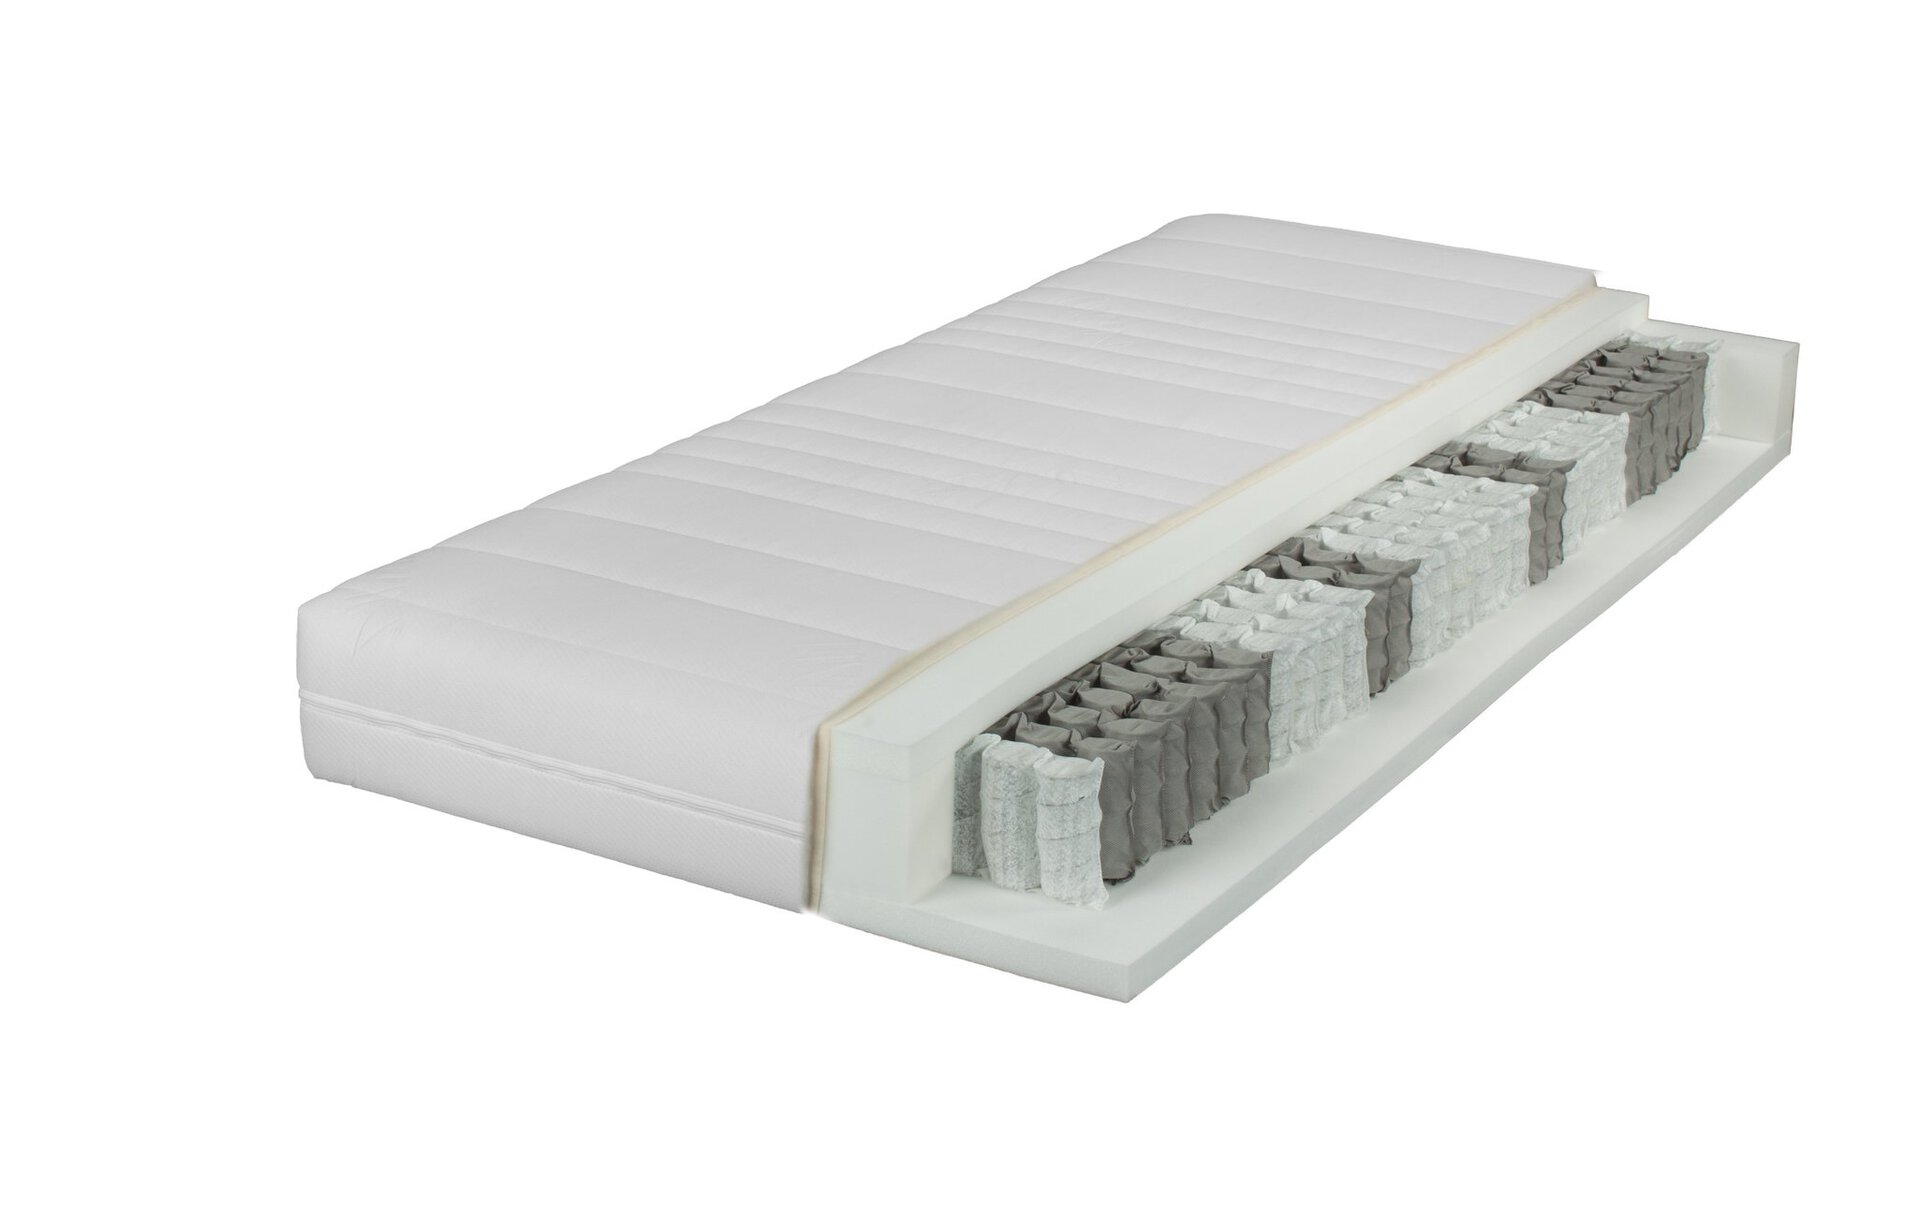 Taschenfederkernmatratze SALO LIV'IN LIV'IN Textil weiß 200 x 19 x 90 cm